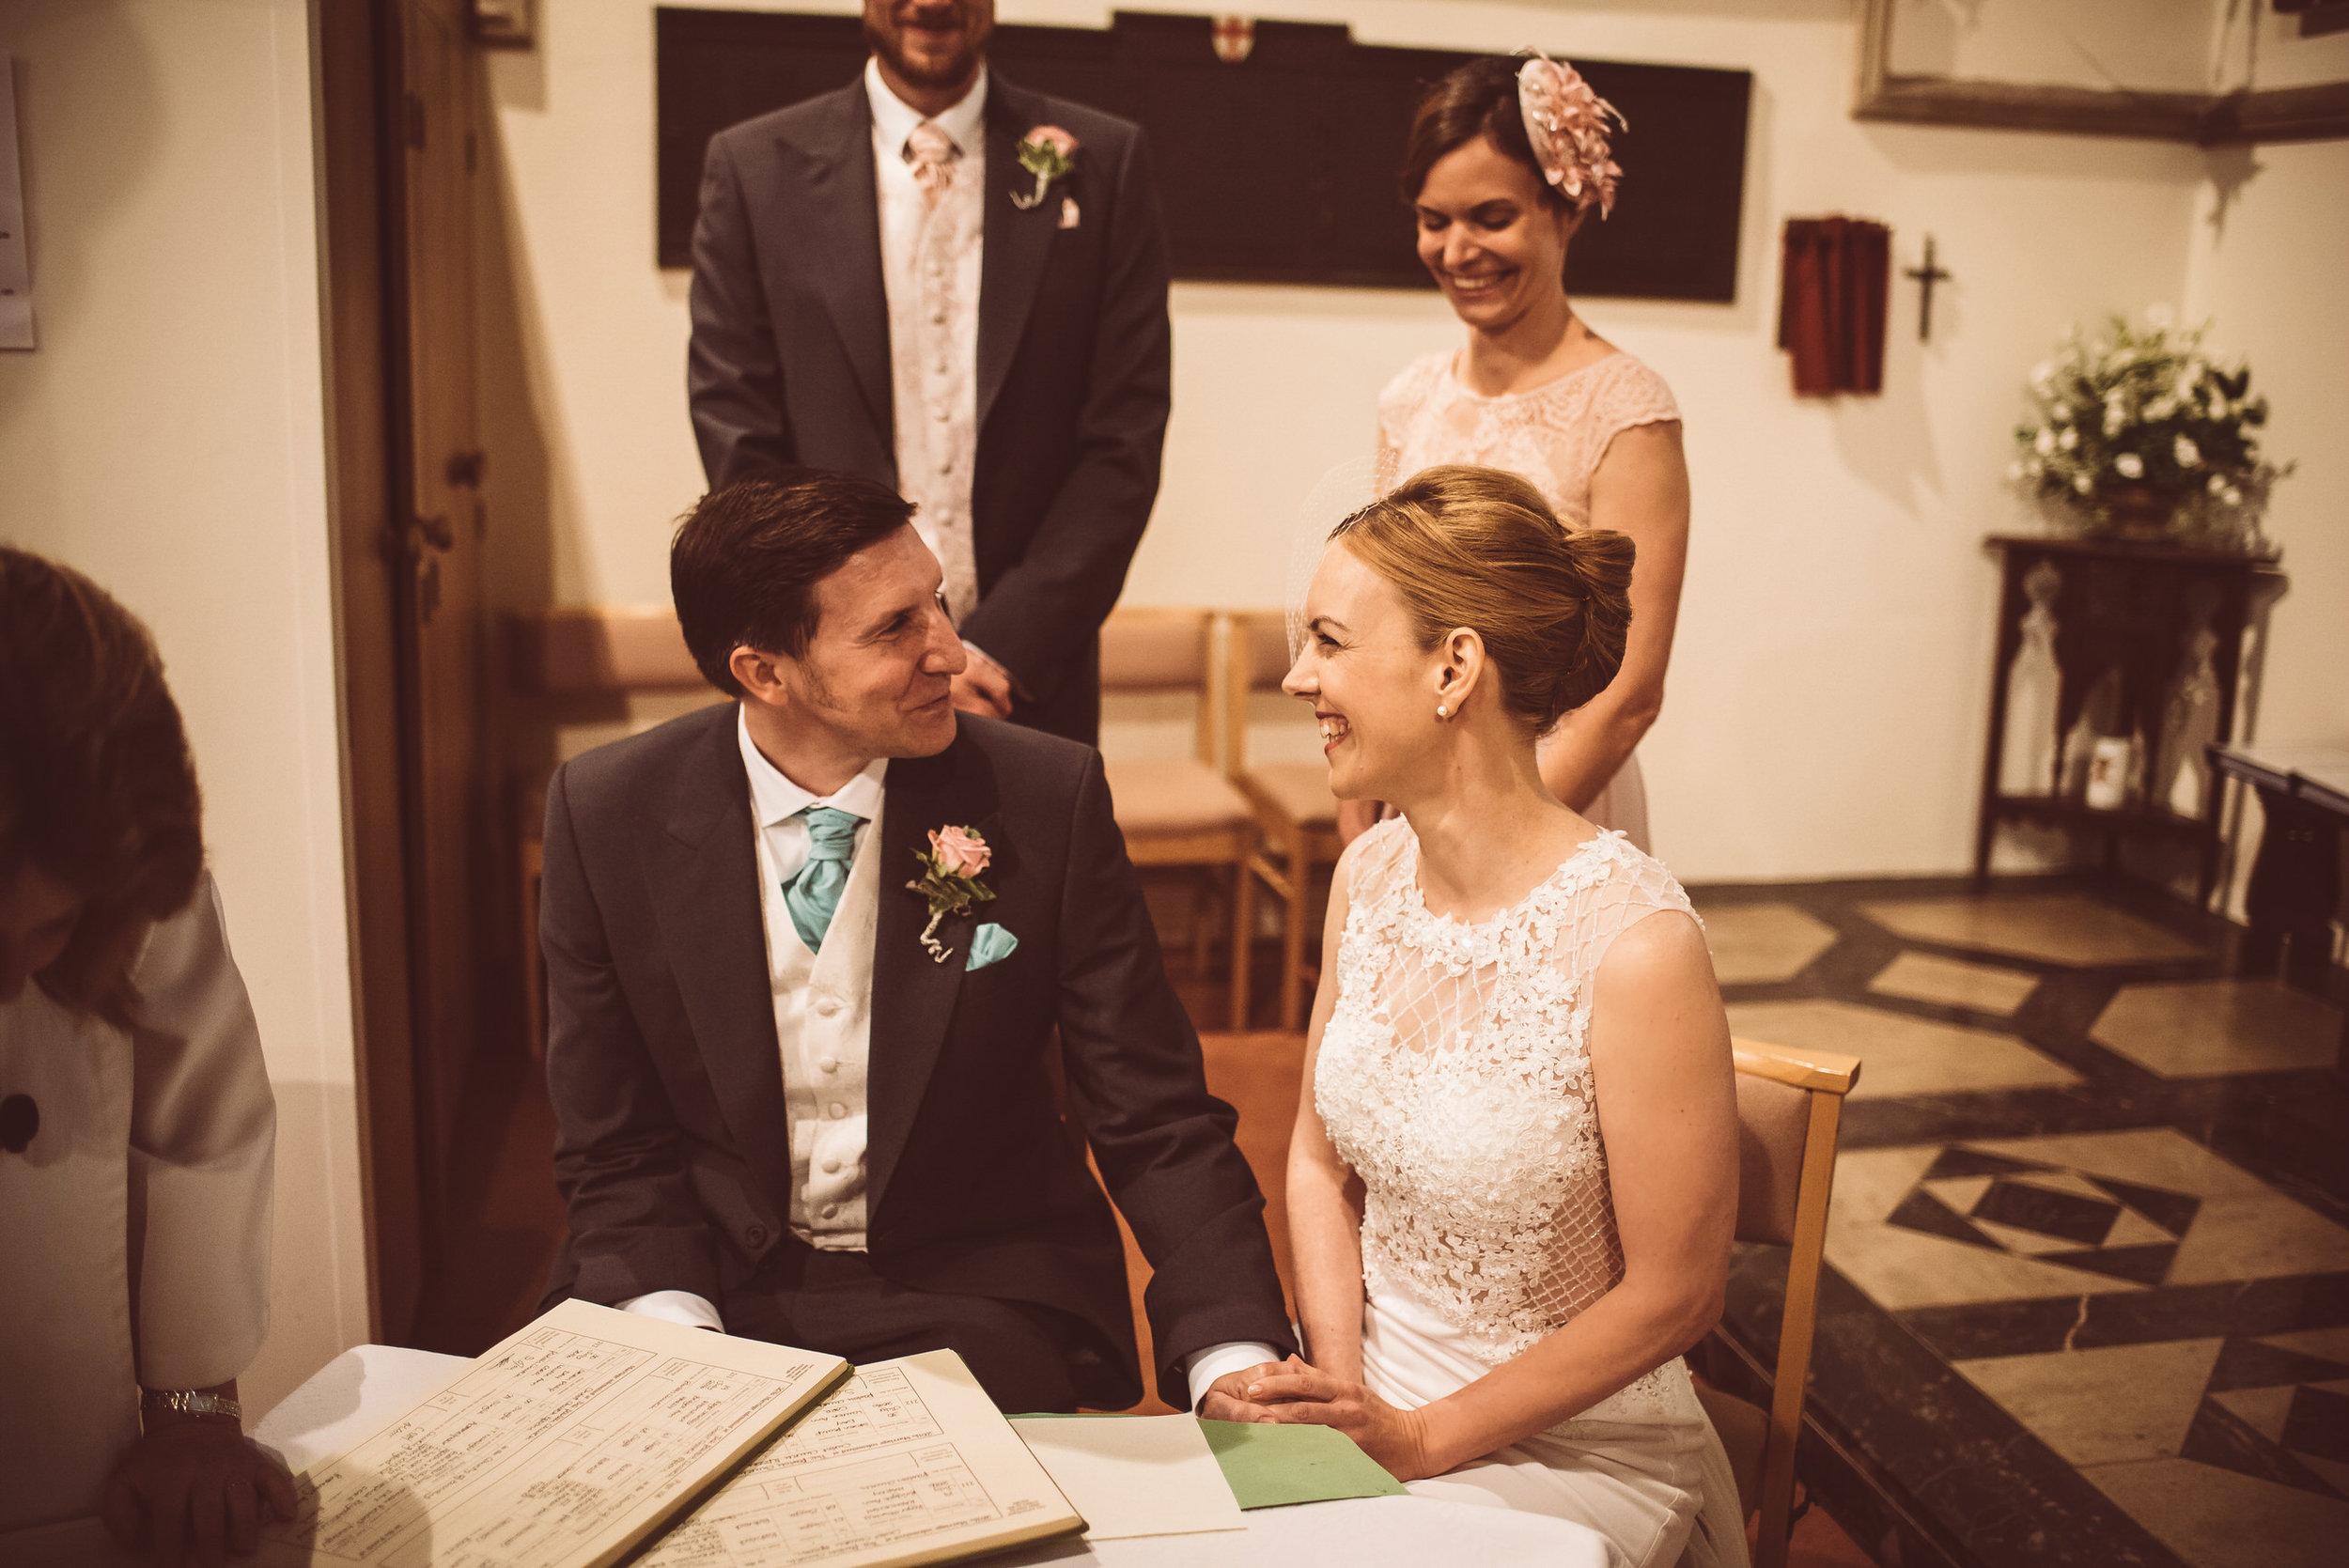 surrey-traditional-country-club-wedding-189.jpg